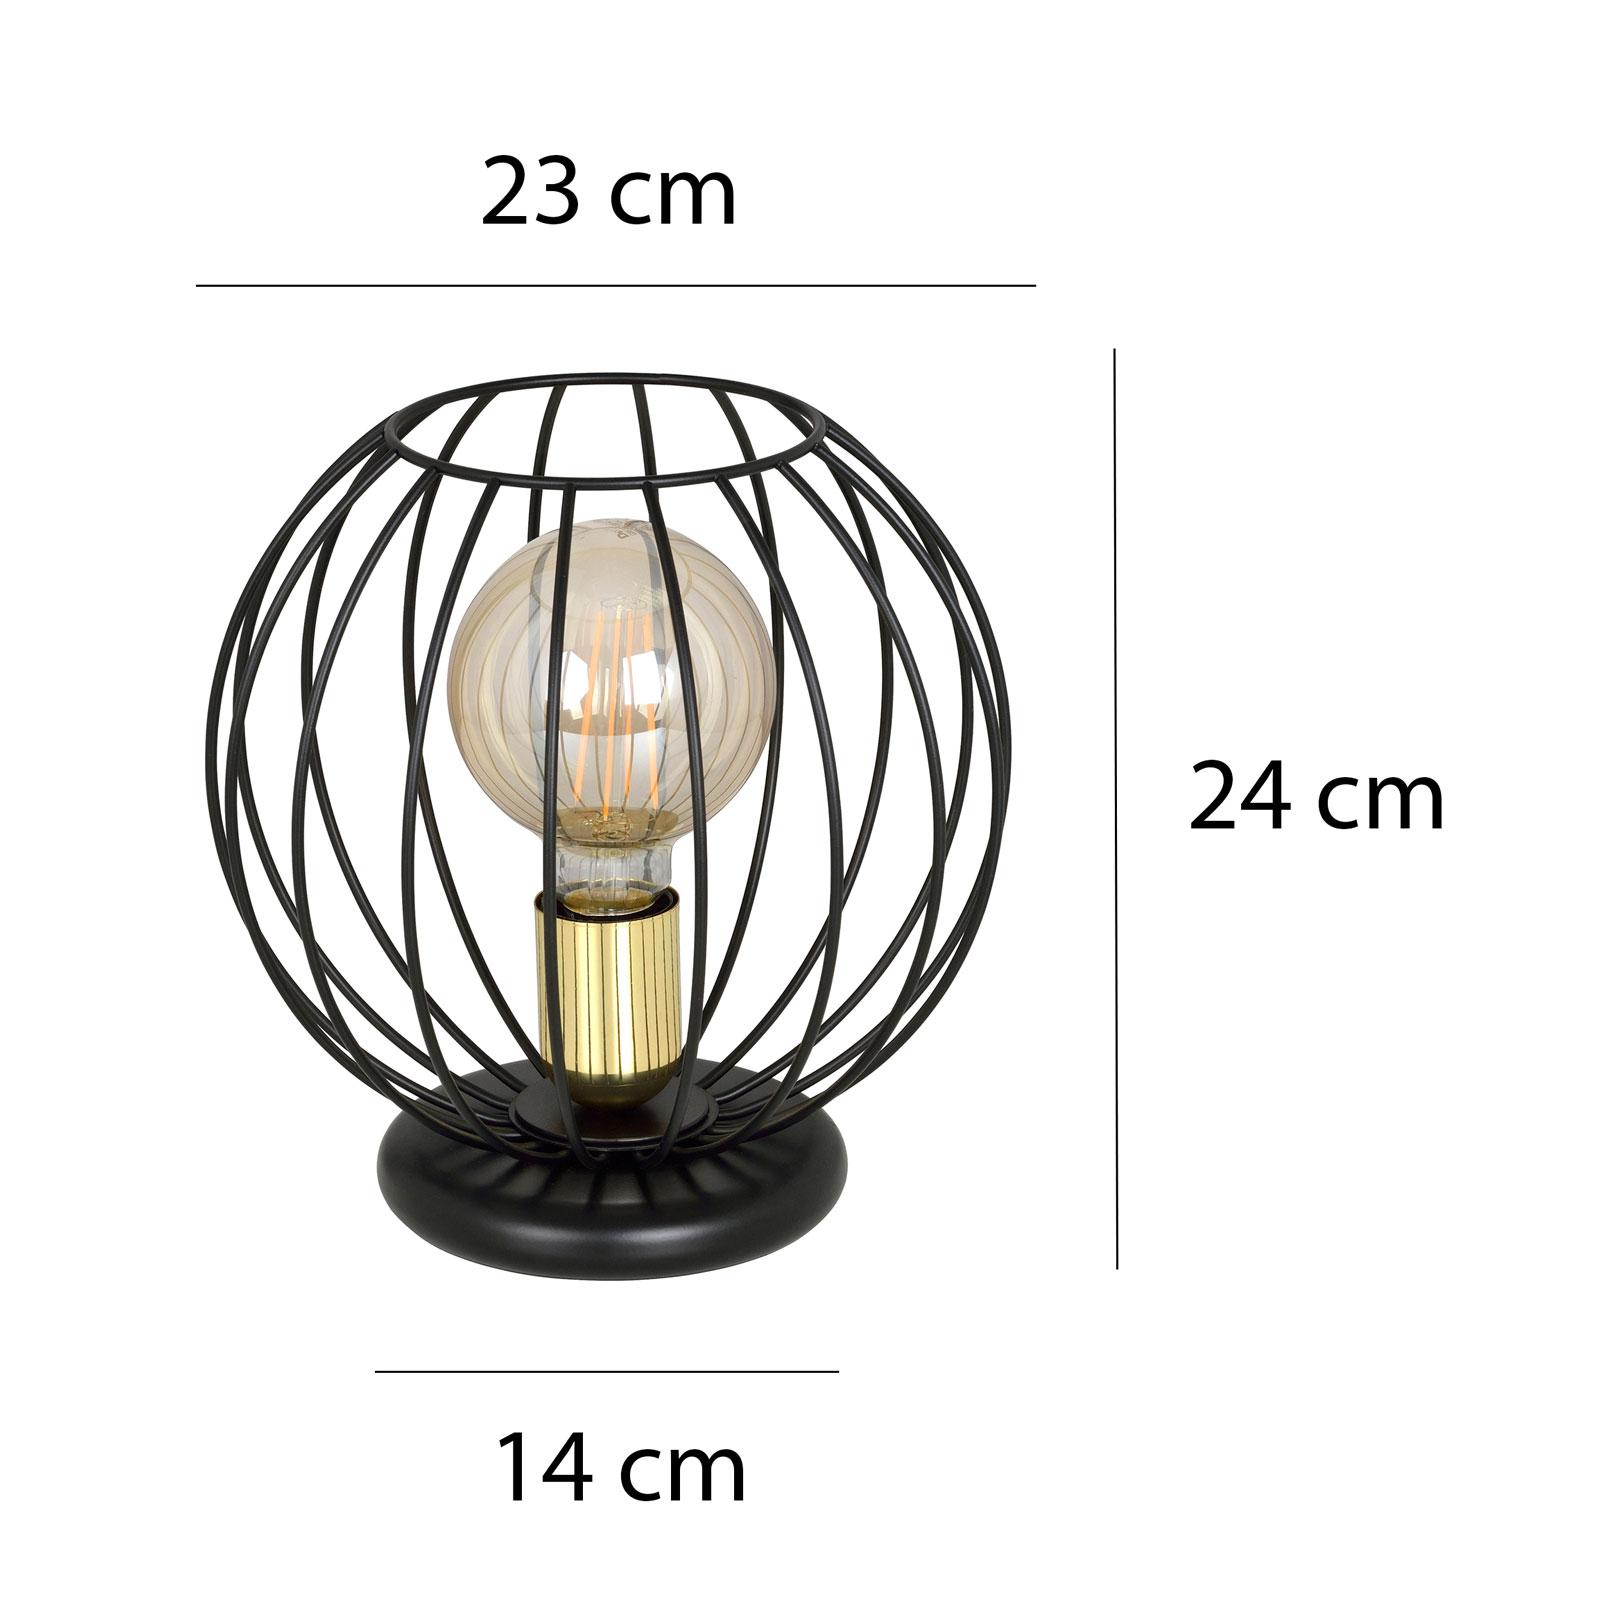 Tafellamp Albio LN1 met kooikap, zwart